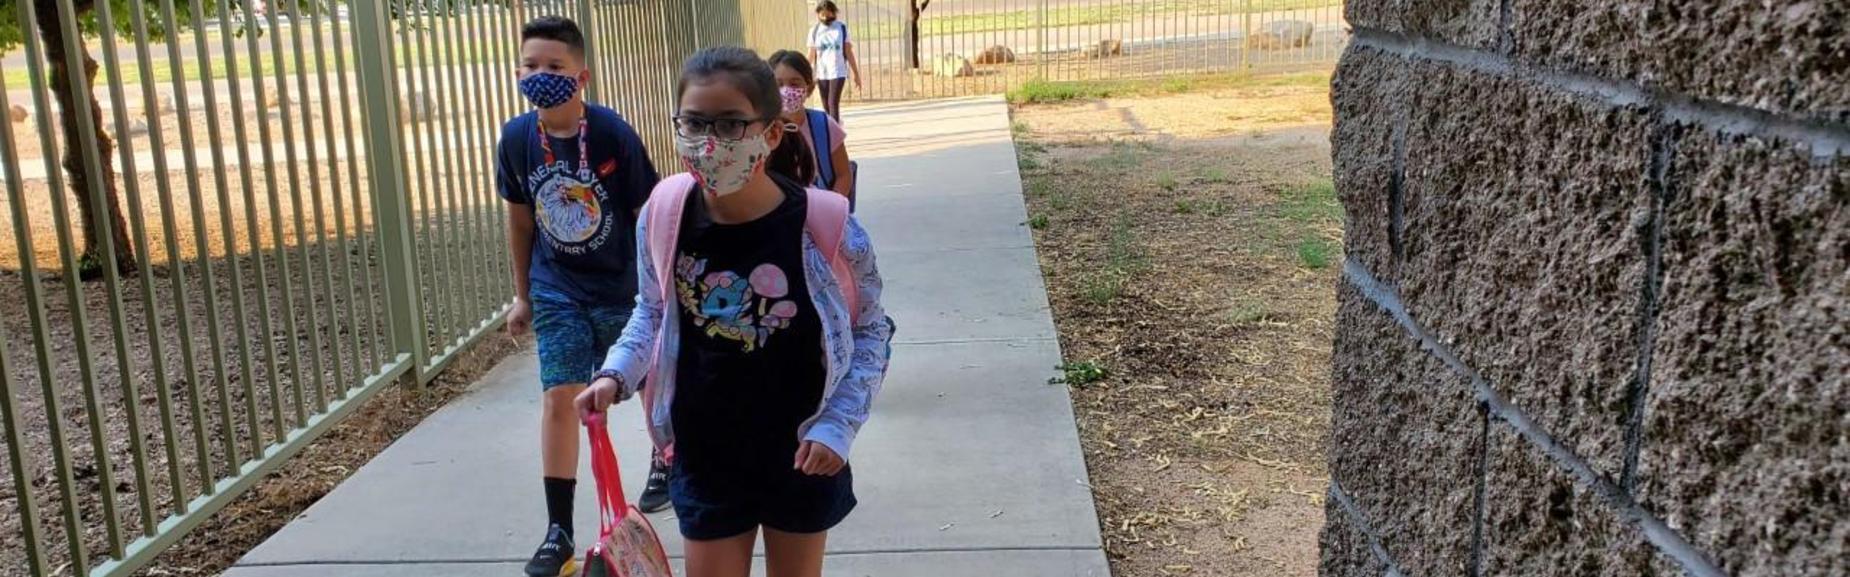 entering school